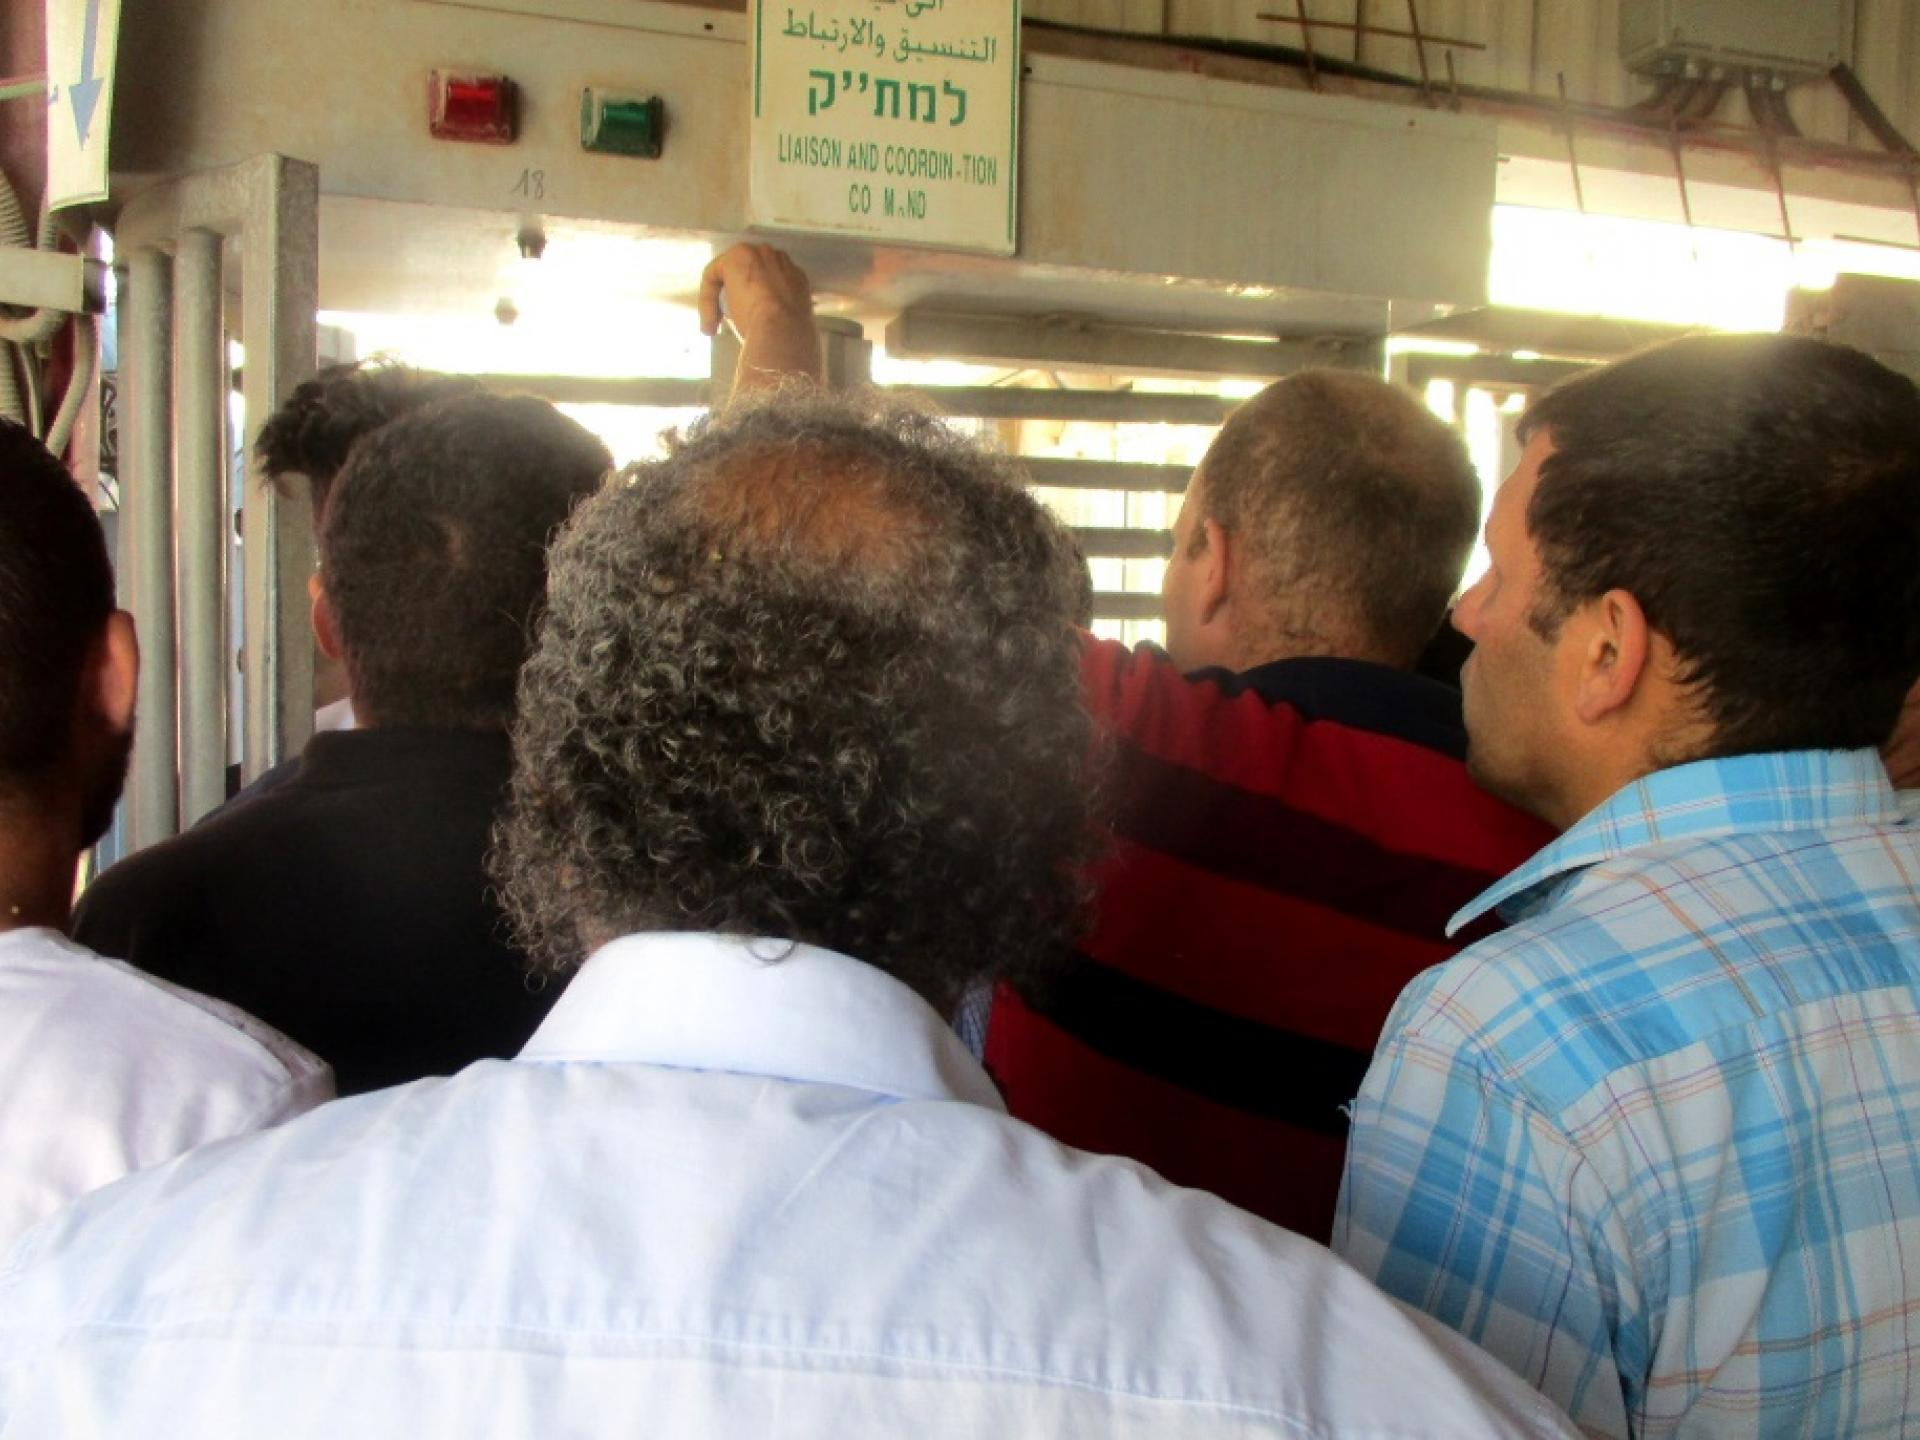 """קבוצה גדולה של אנשים לפני משרדי המת""""ק שנפתחו רק בצהרים"""